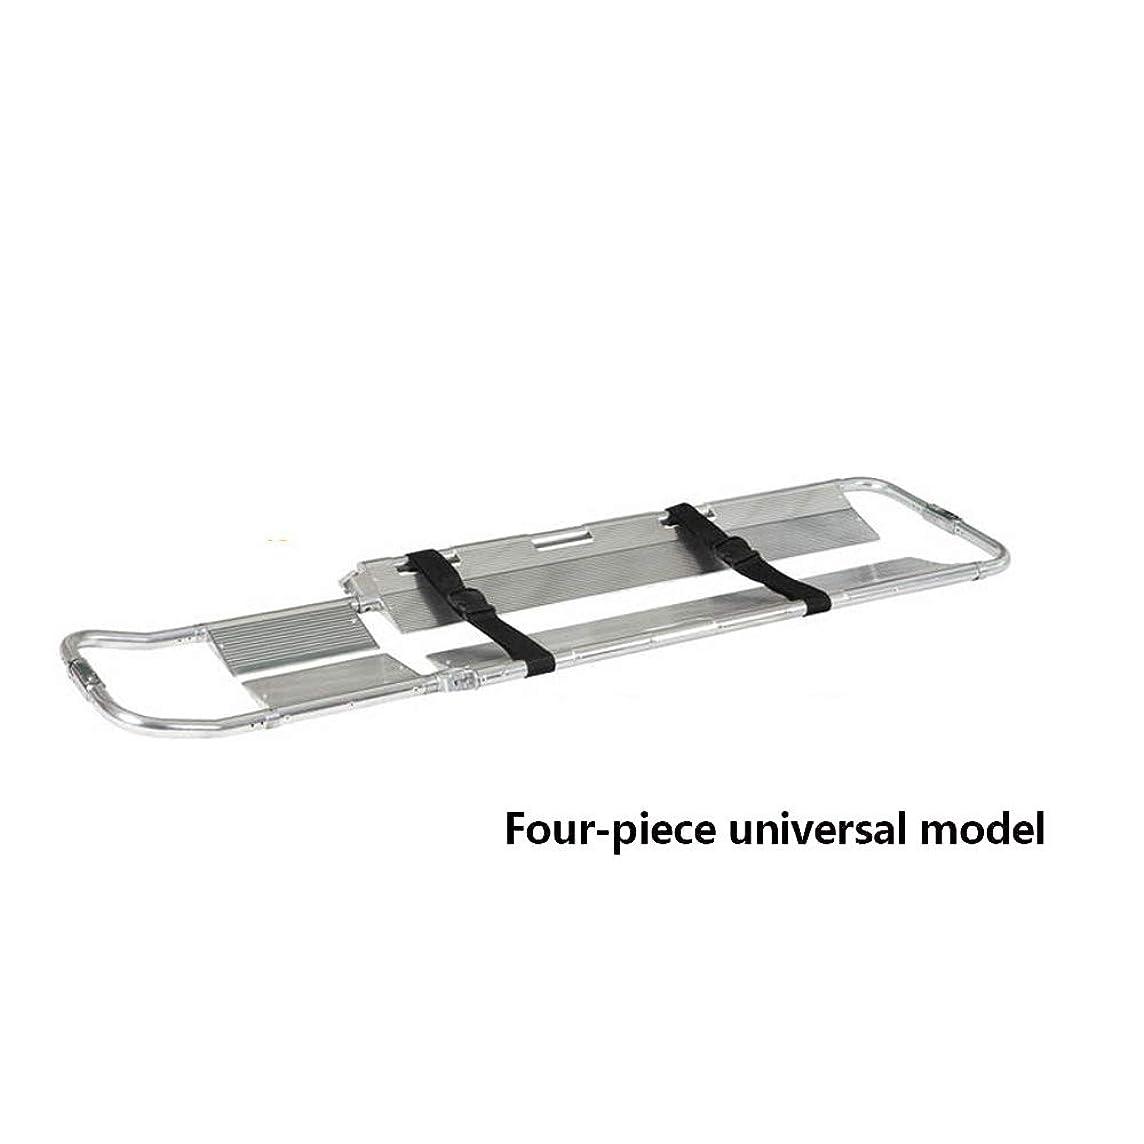 高くレンディション頭痛救急処置の伸張器、折るアルミニウムシャベルの伸張器,4piece